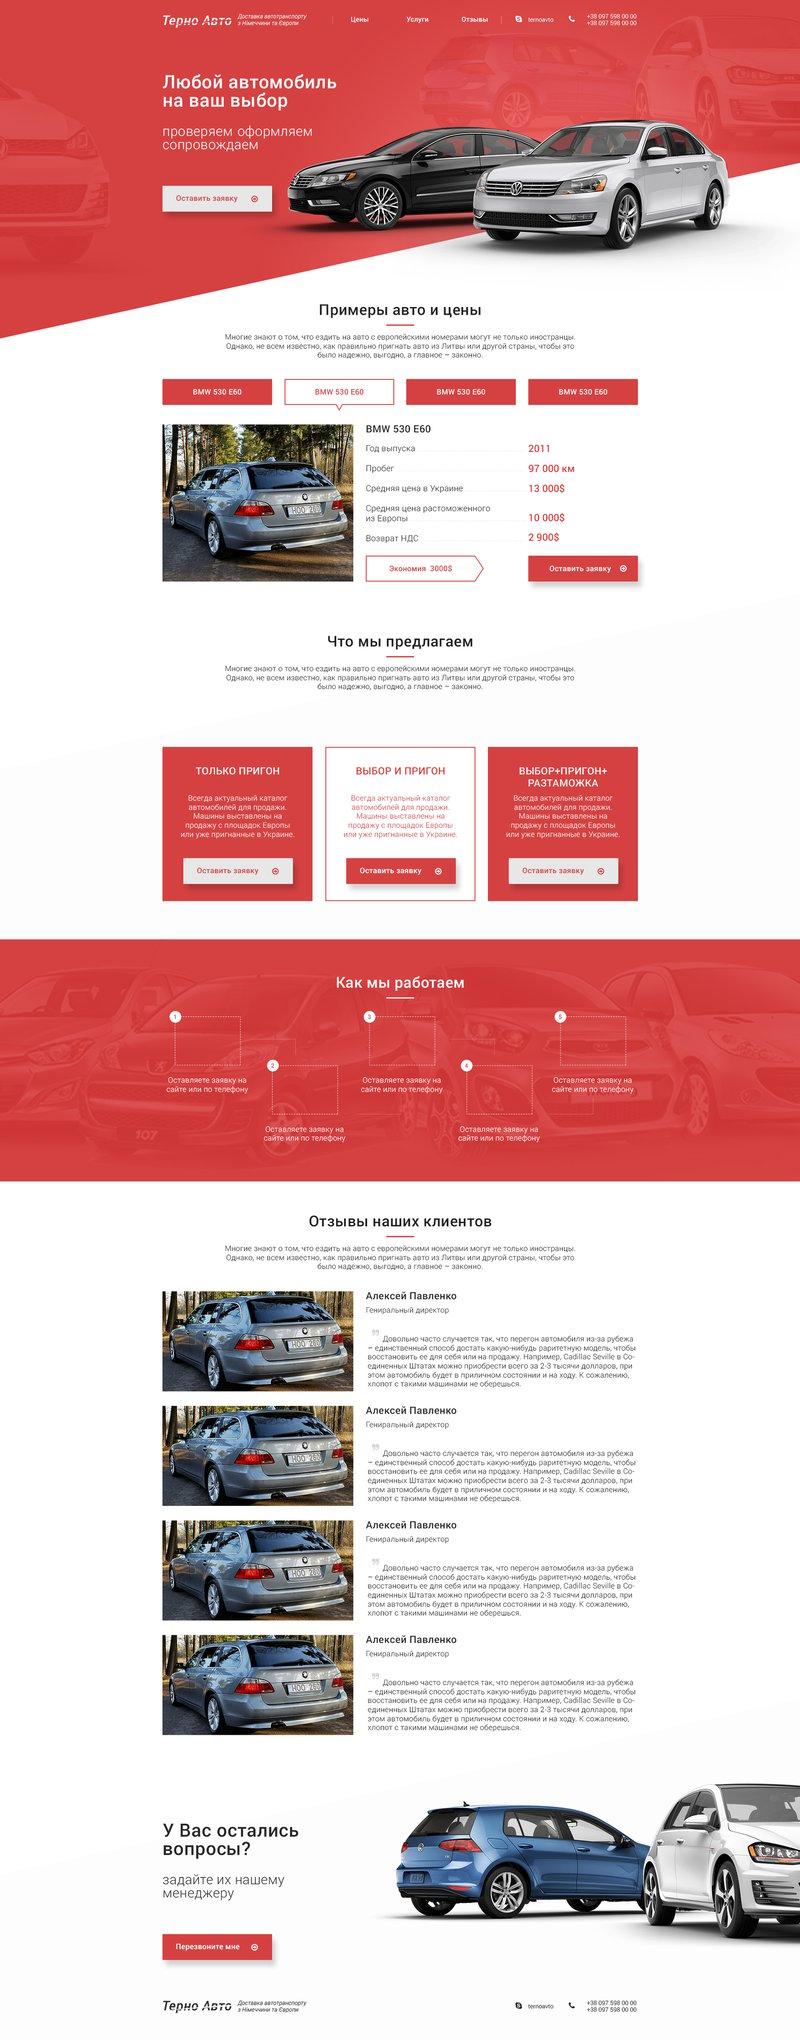 Макет сайта для автоподбора – работа в портфолио фрилансера